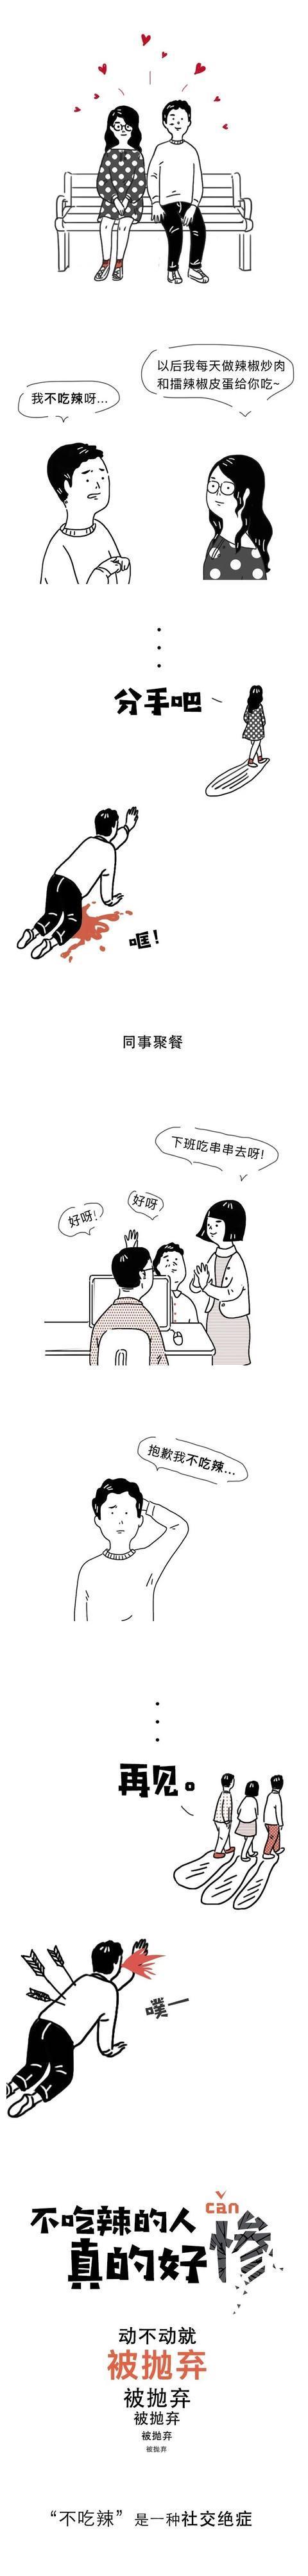 """""""不吃辣""""渐渐成了一种新型社交恐惧症!(漫画)"""